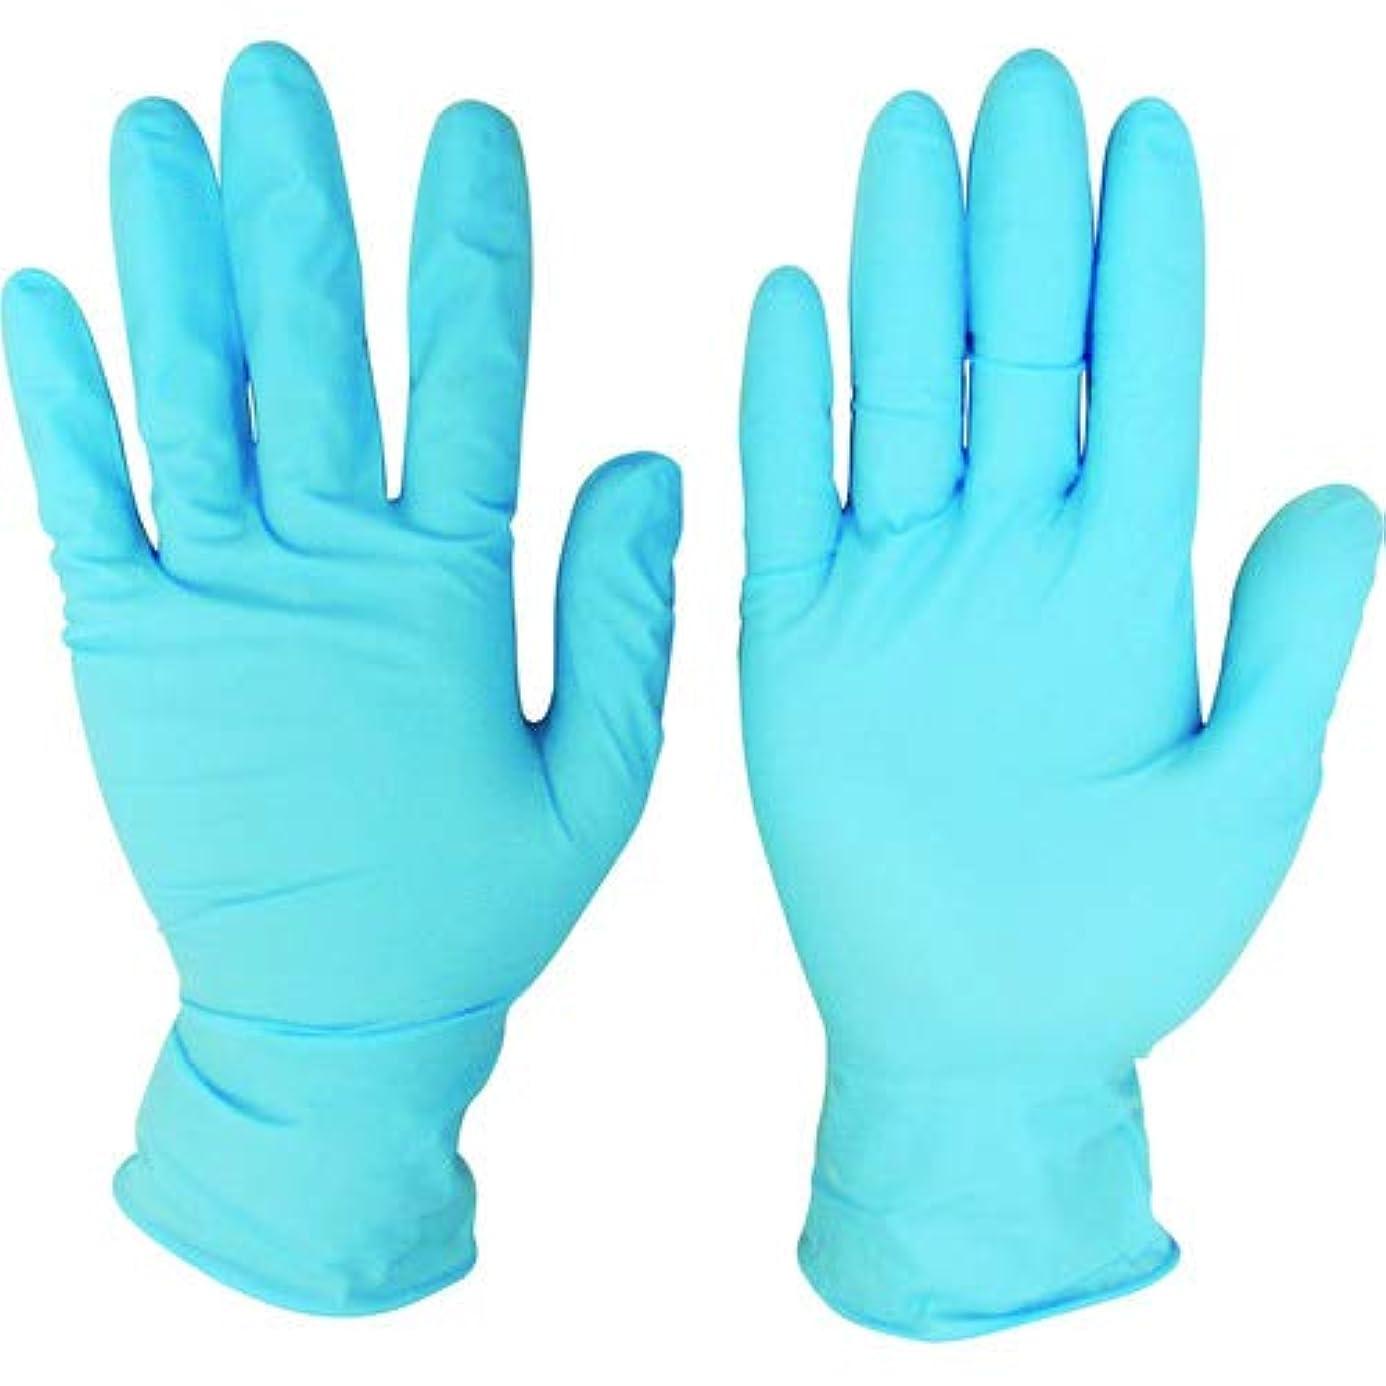 作成する悪意順応性のあるニトリルディスポ手袋 青 No.210 パウダーフリー(100枚入)S